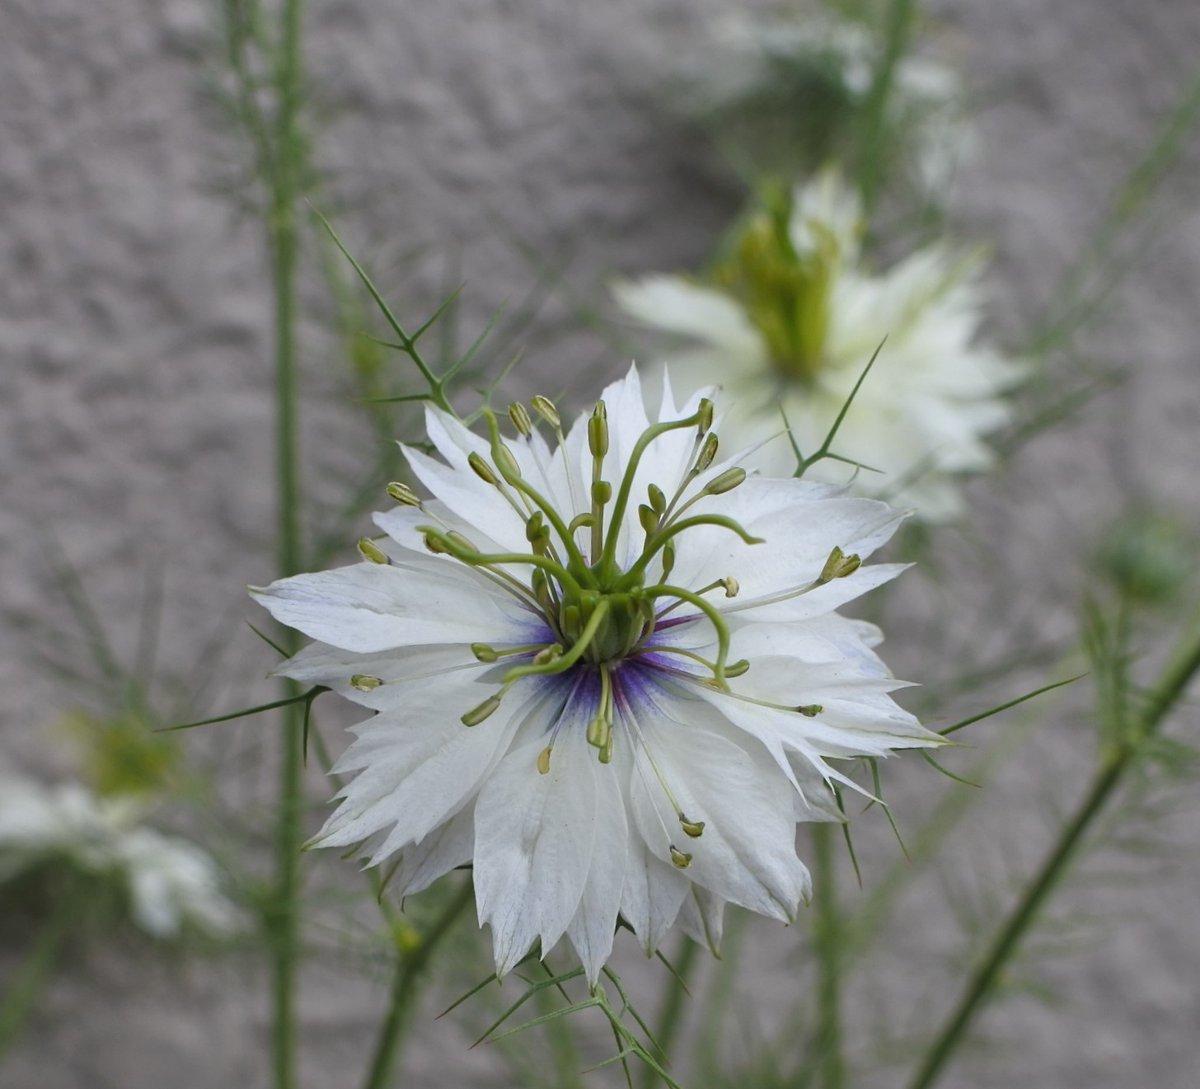 名古屋のお昼過ぎ、晴れで気温約26℃ 夏日越えで少し暑いです 皆様にとって穏やかな午後とりますように +やっぱり白い花が好き +ニゲラ / クレマチス +クレマチス / ペチュニア #花 #flowers